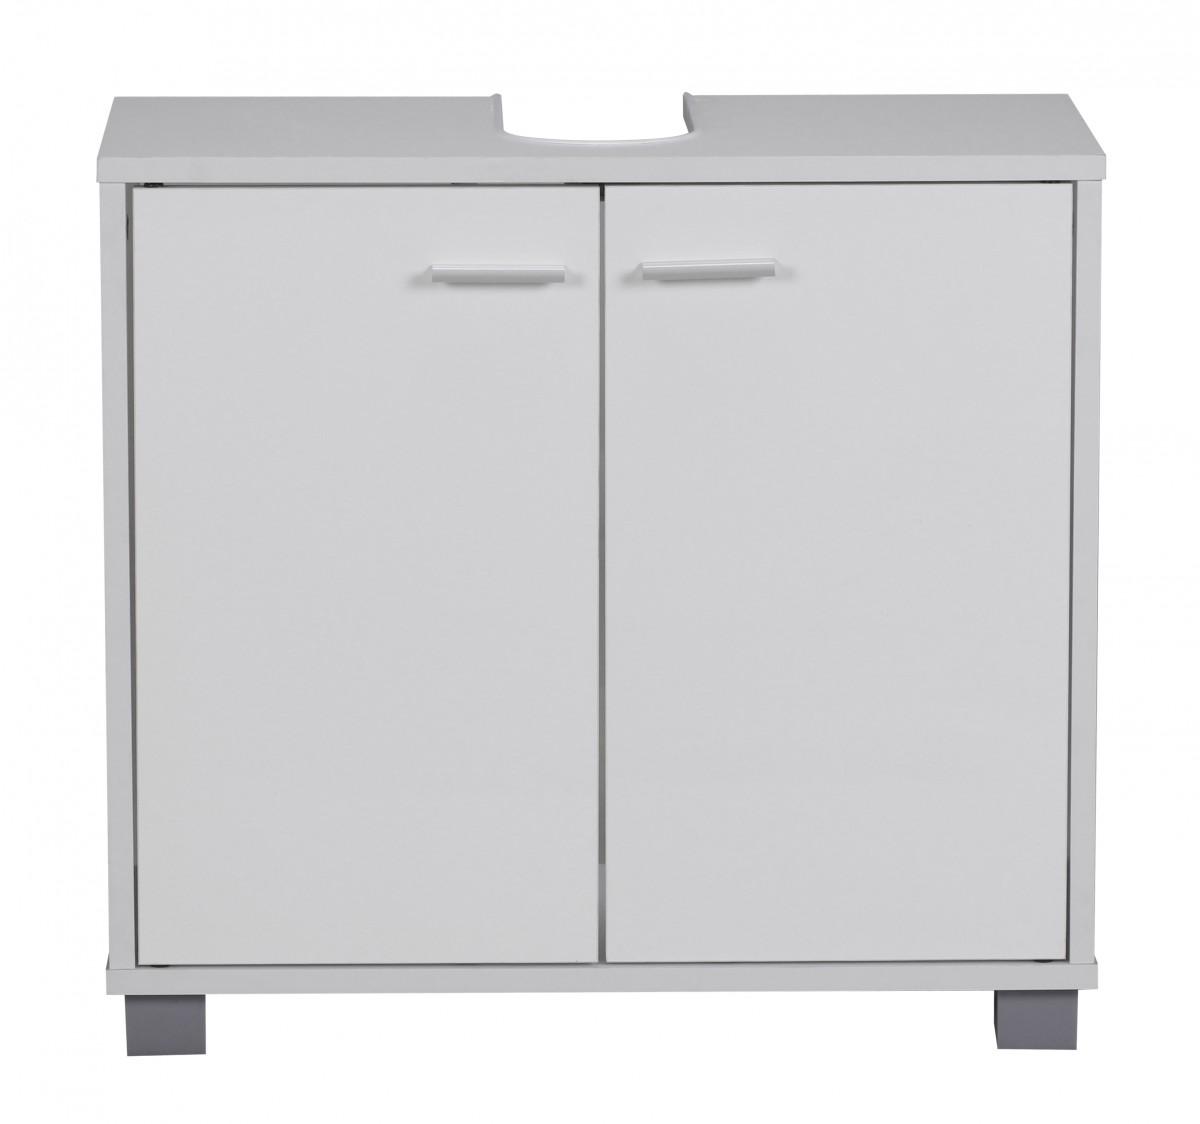 wohnling bad waschbecken unterschrank 60 x 55 x 30 cm 2 t ren wei 35998. Black Bedroom Furniture Sets. Home Design Ideas